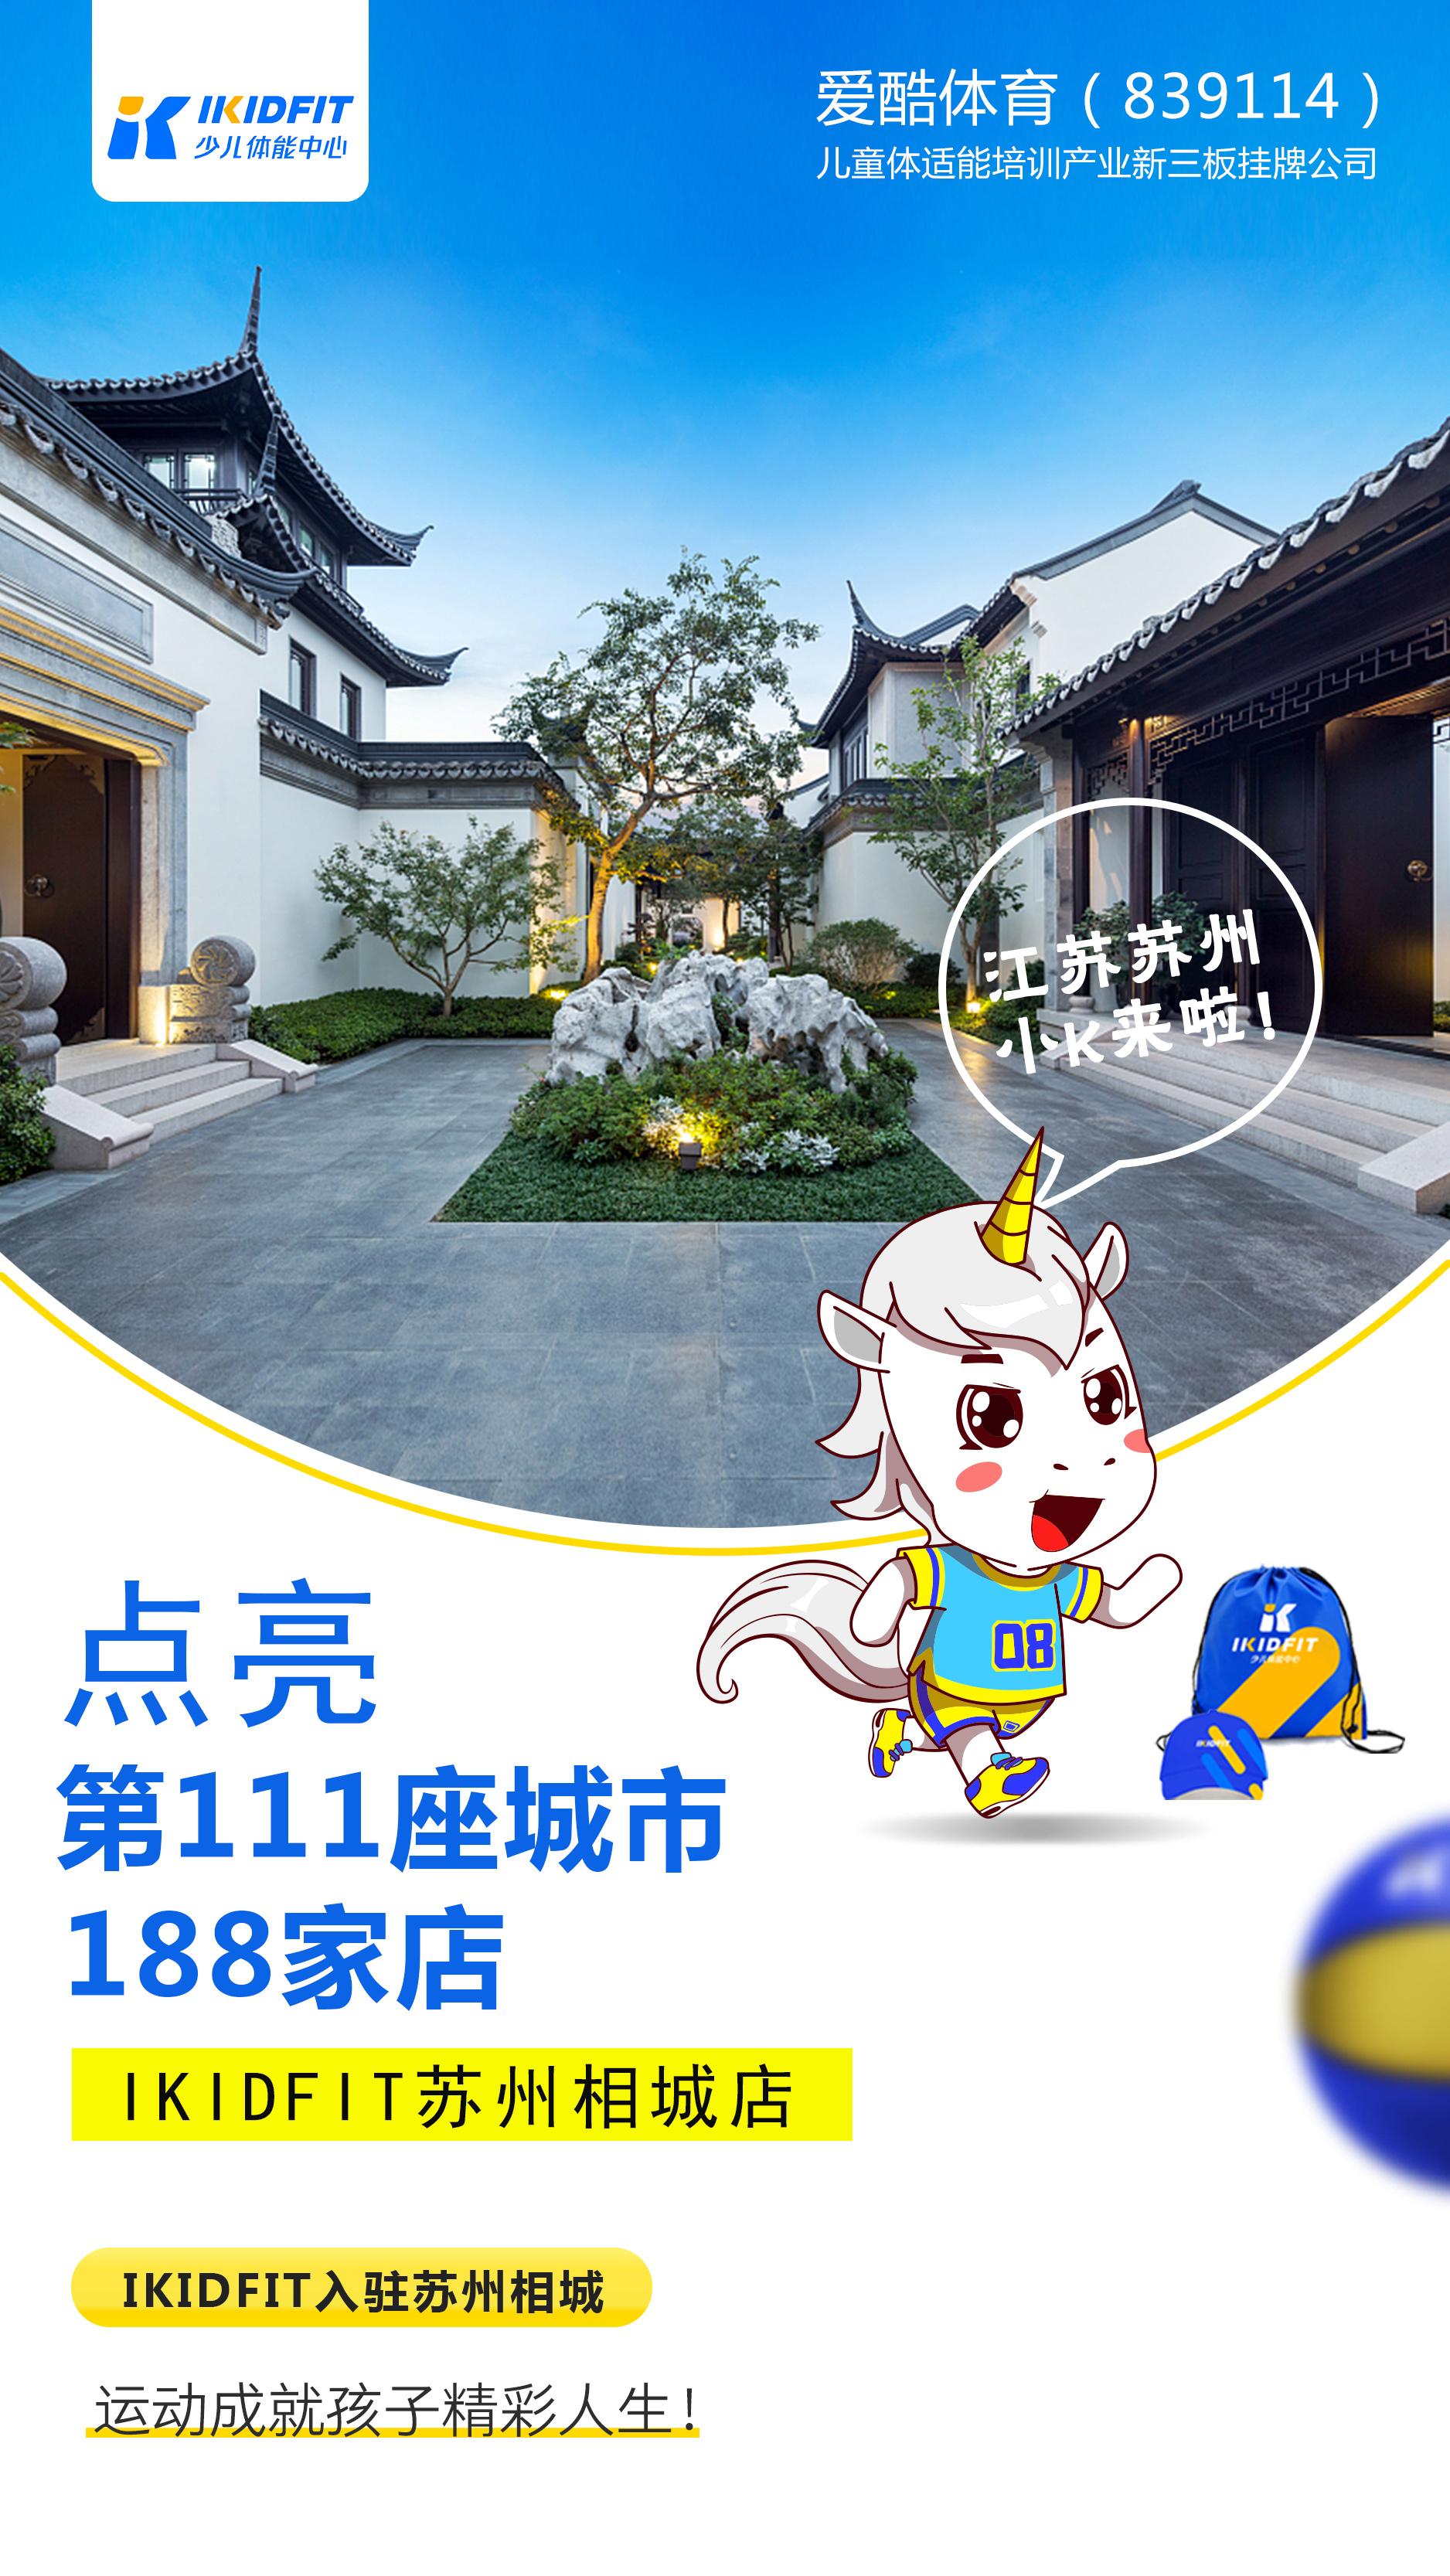 体育资讯_爱酷体育点亮第188店苏州相城_最新资讯_中国加盟网